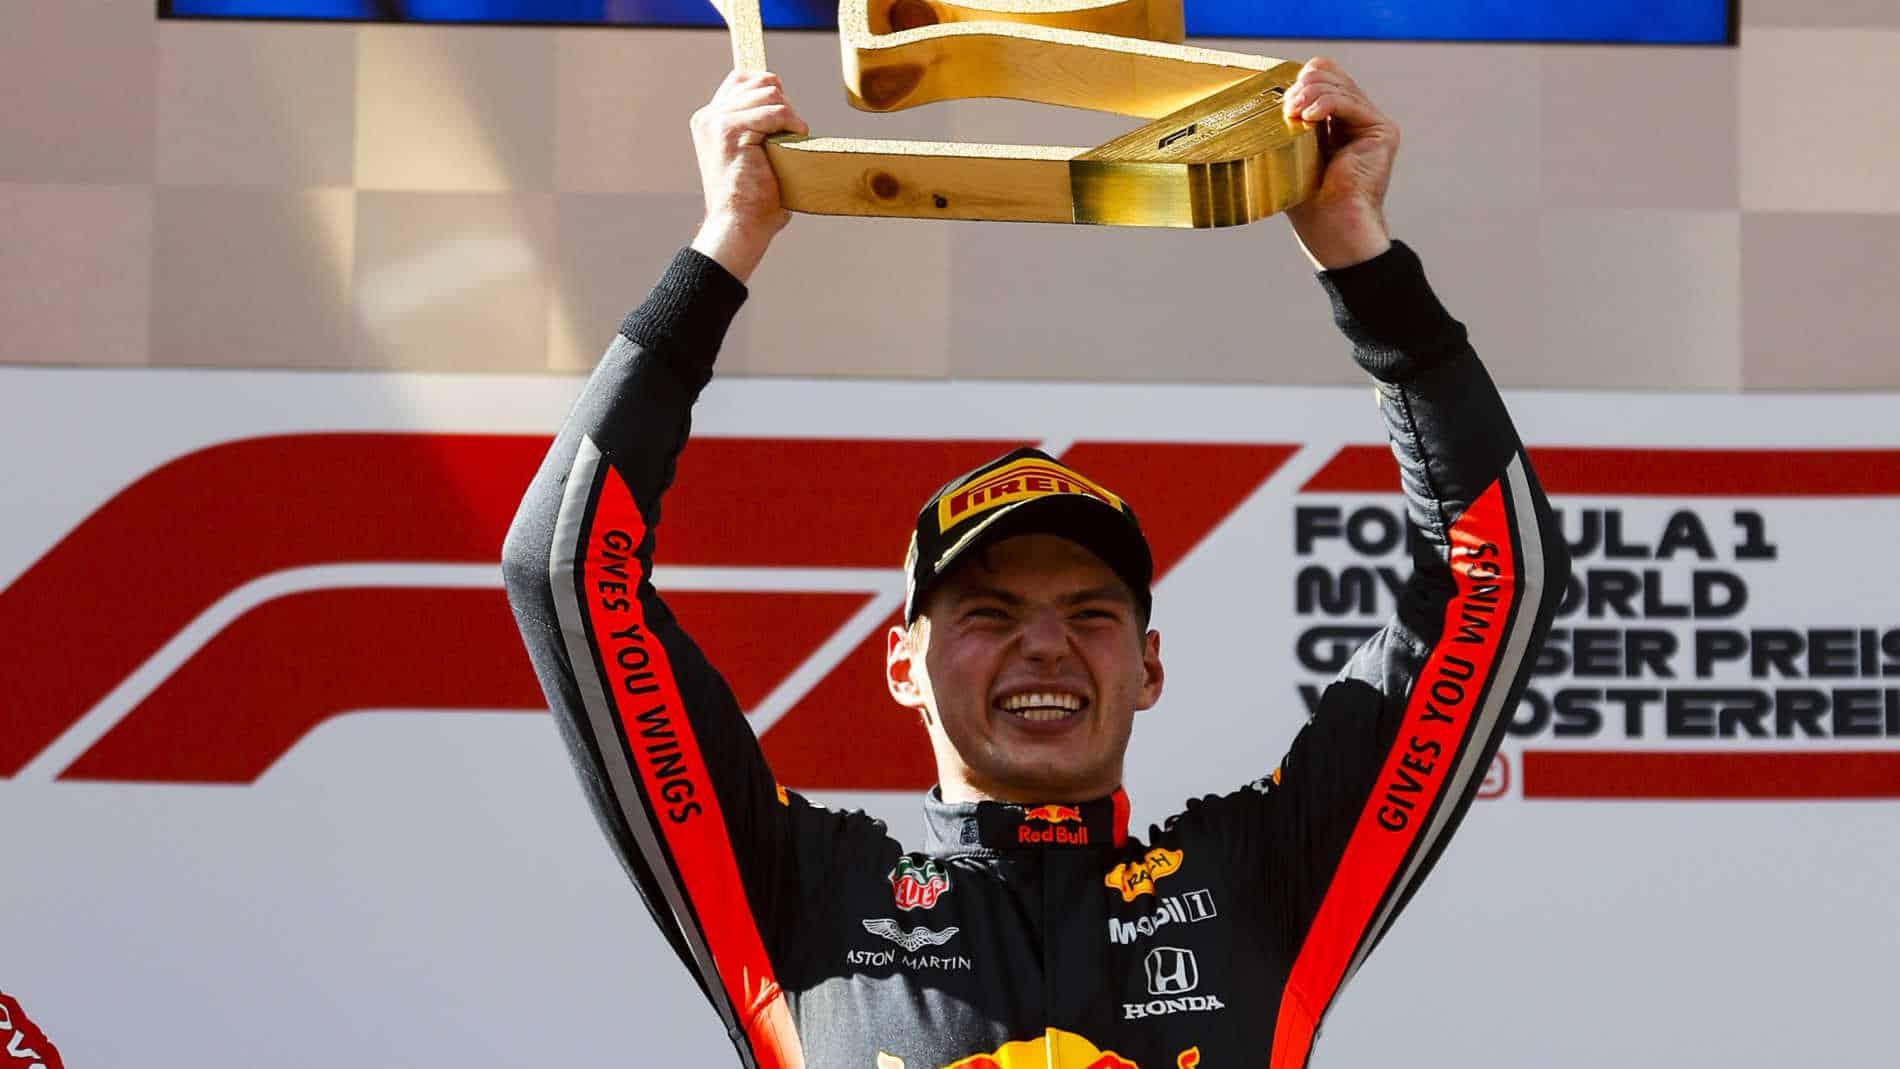 Vierdaags hotelarrangement – Formule 1 Oostenrijk – Spielberg 2020